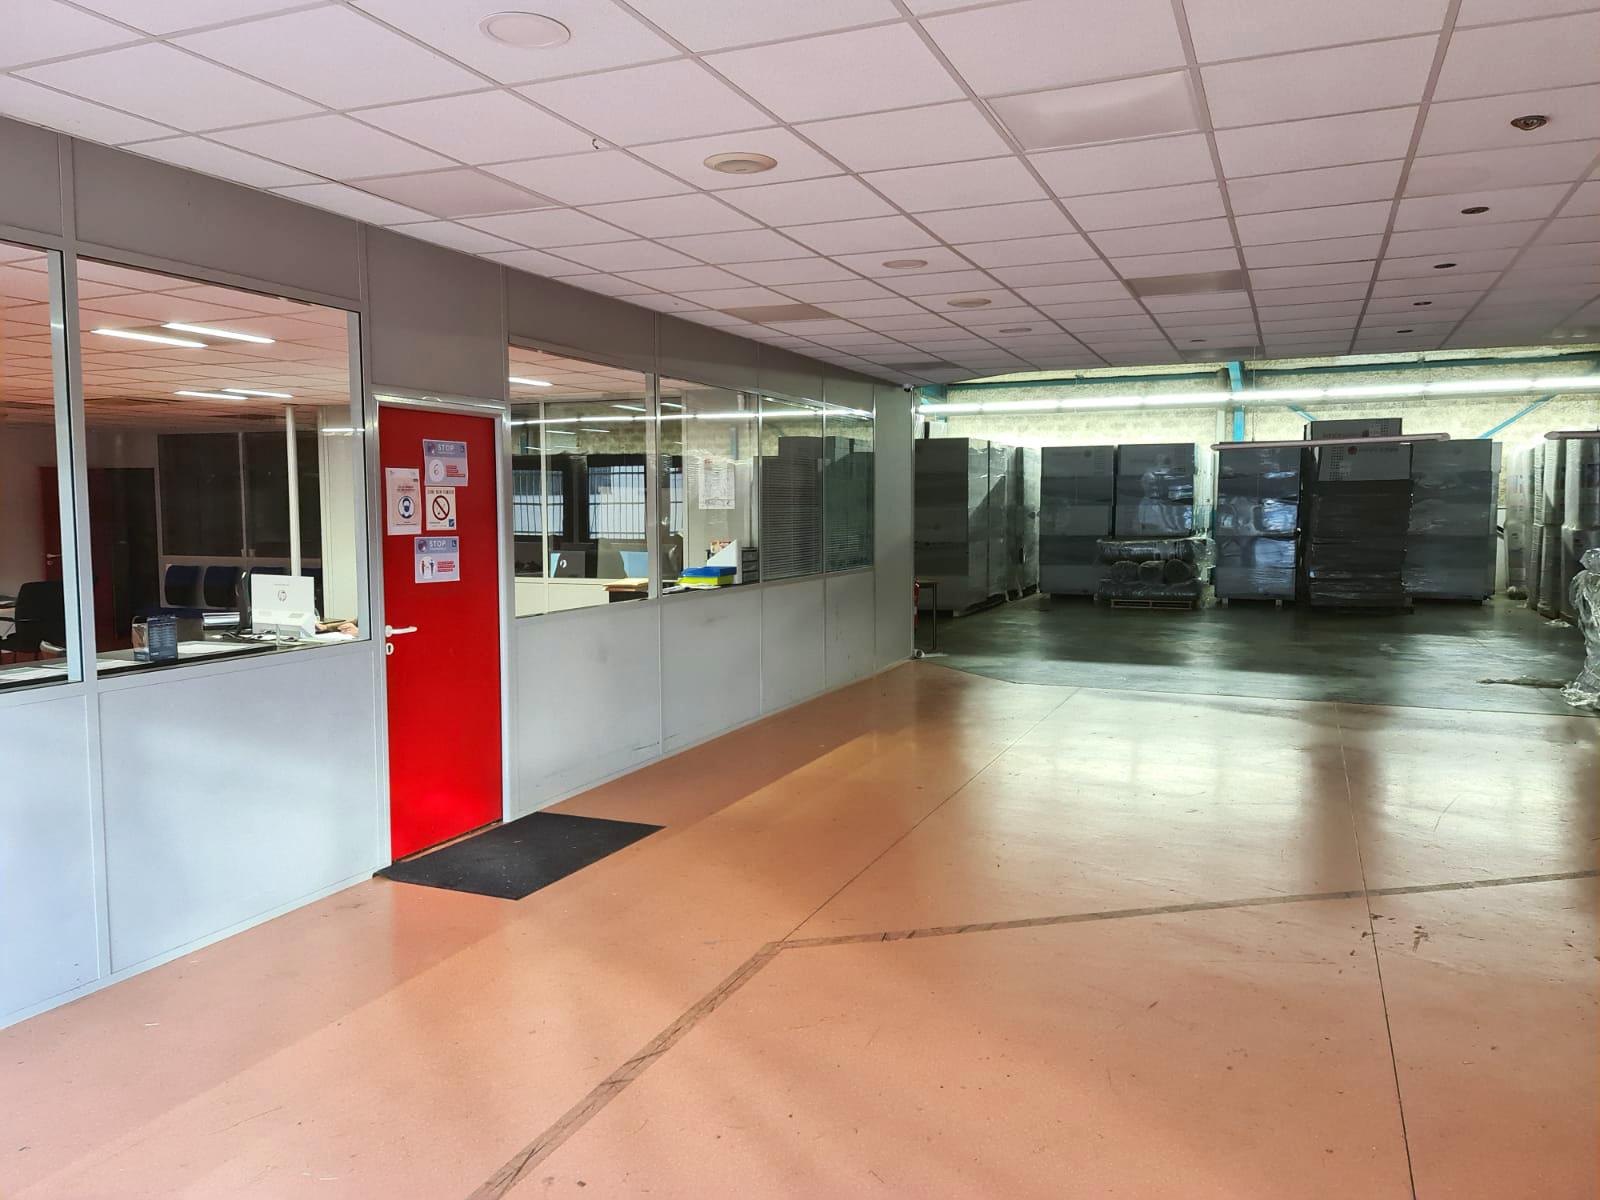 Les locaux de COP38, isolation et pompe à chaleur